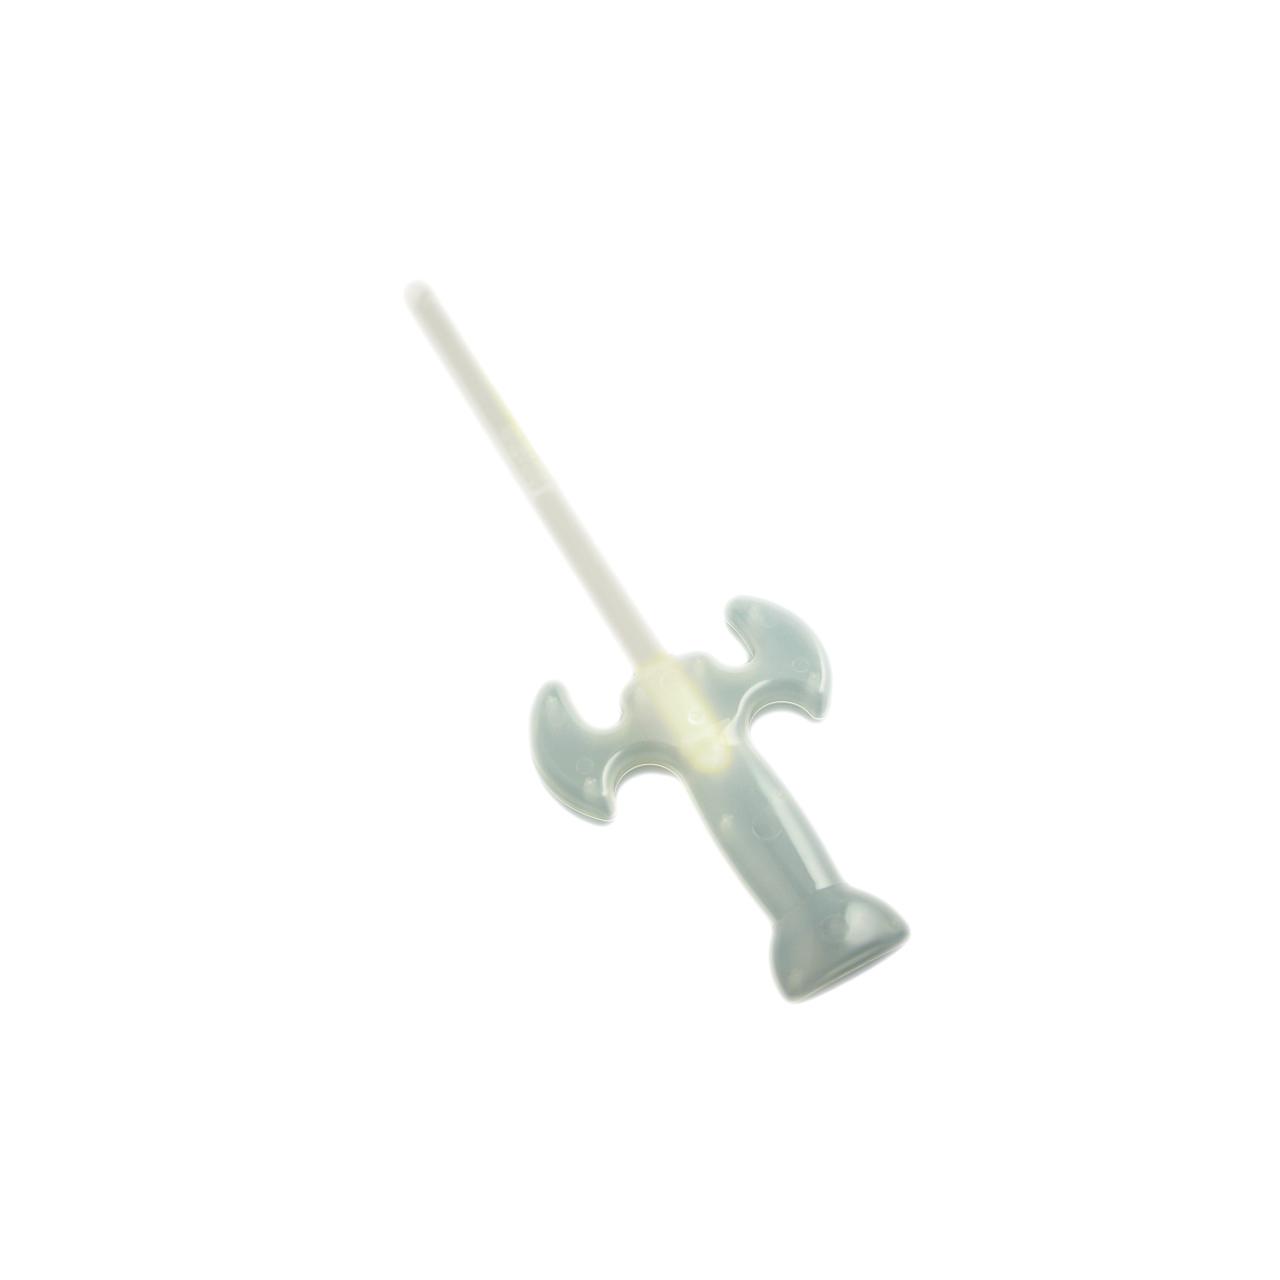 H+H FLS 10201 Leuchtschwert Knicklicht